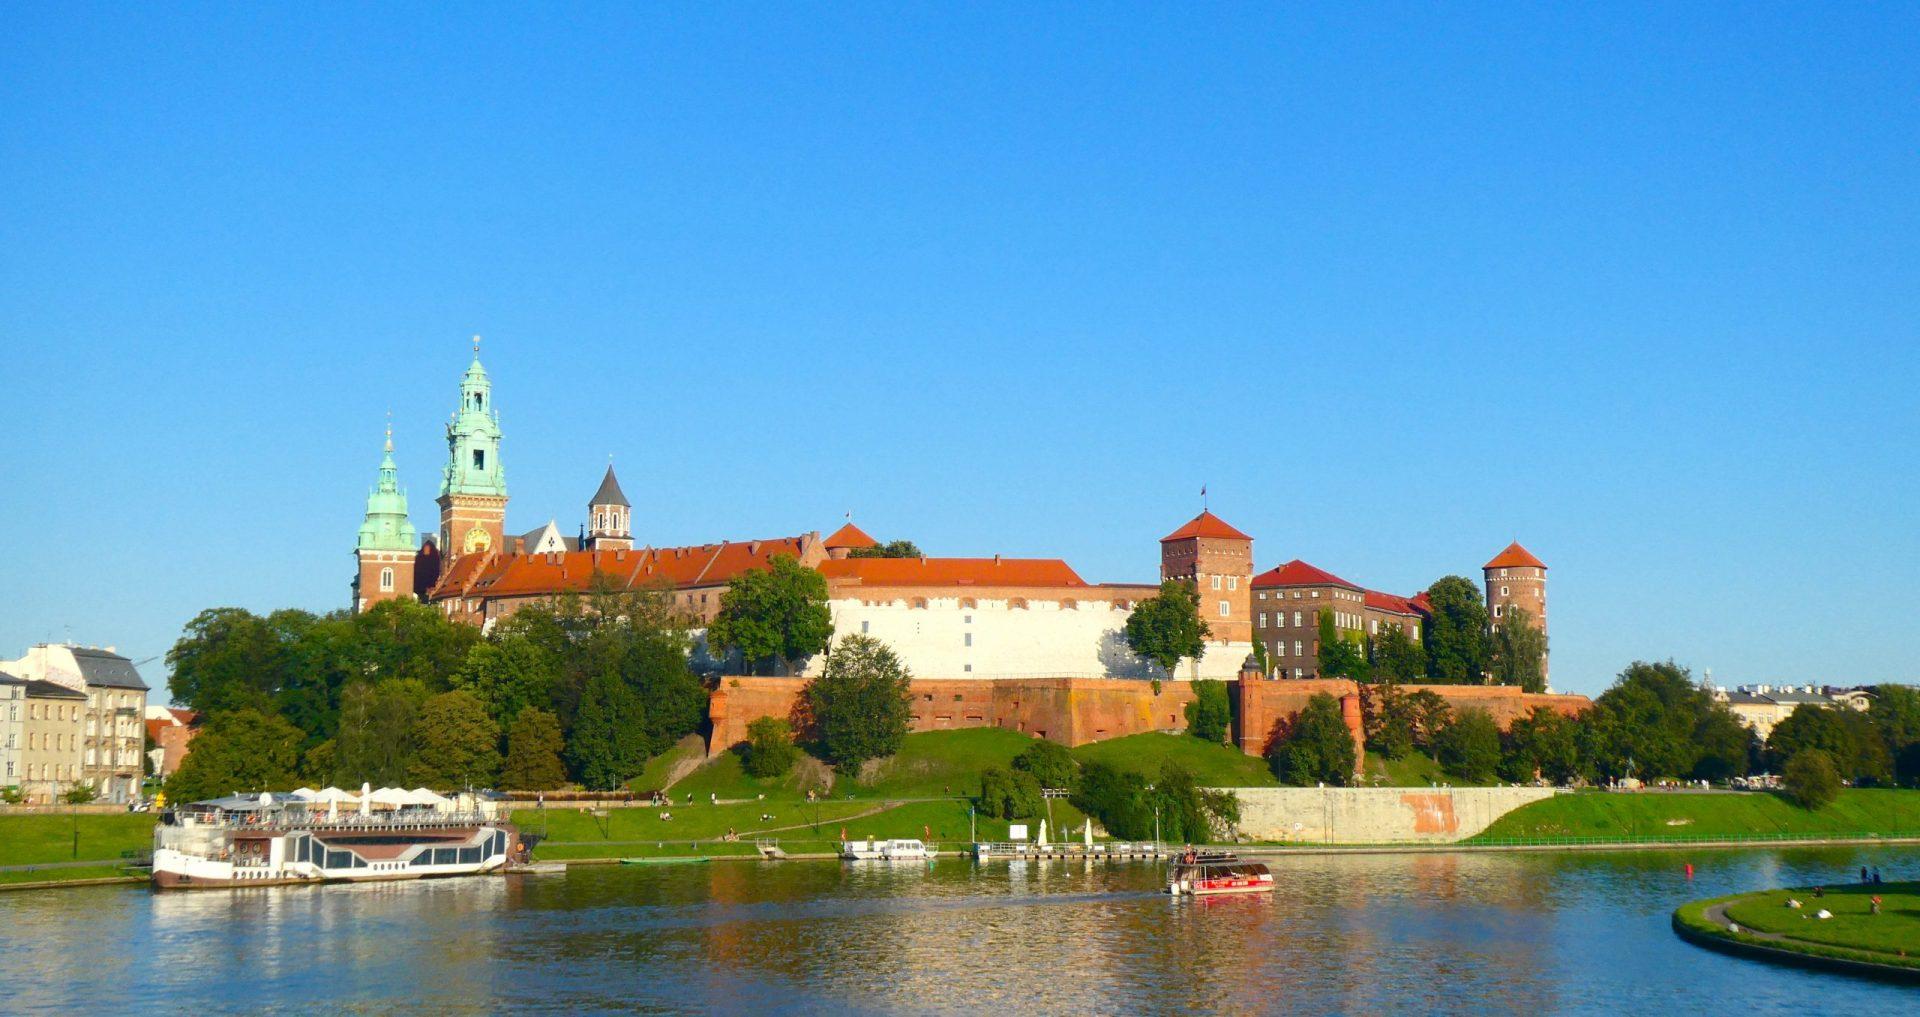 Wawel Castle Krakau Europa